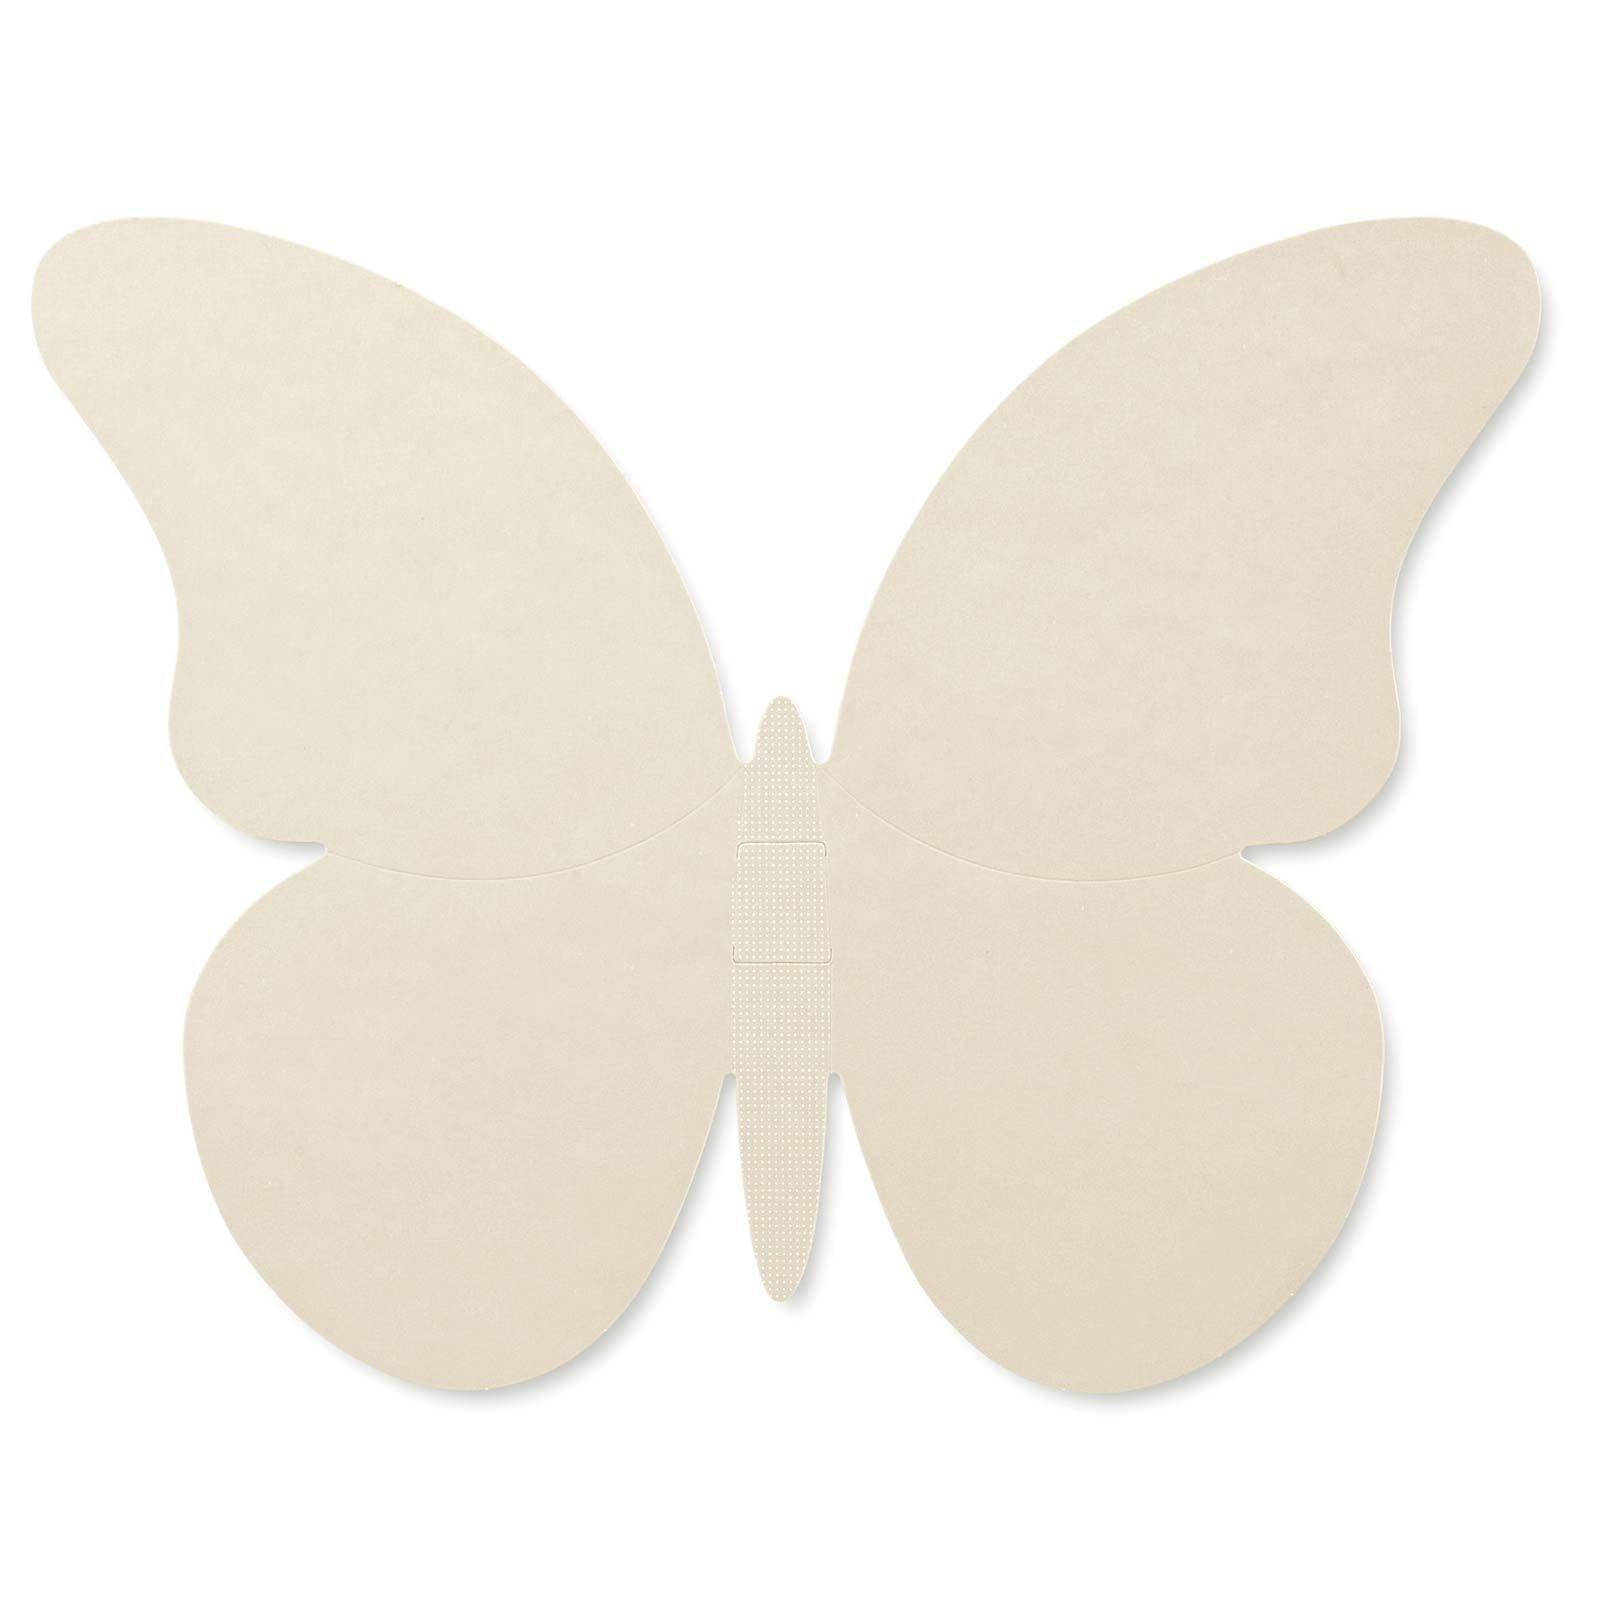 scotton spa farfalla in cartoncino atelier tortora 75x60 mm - 4 pz